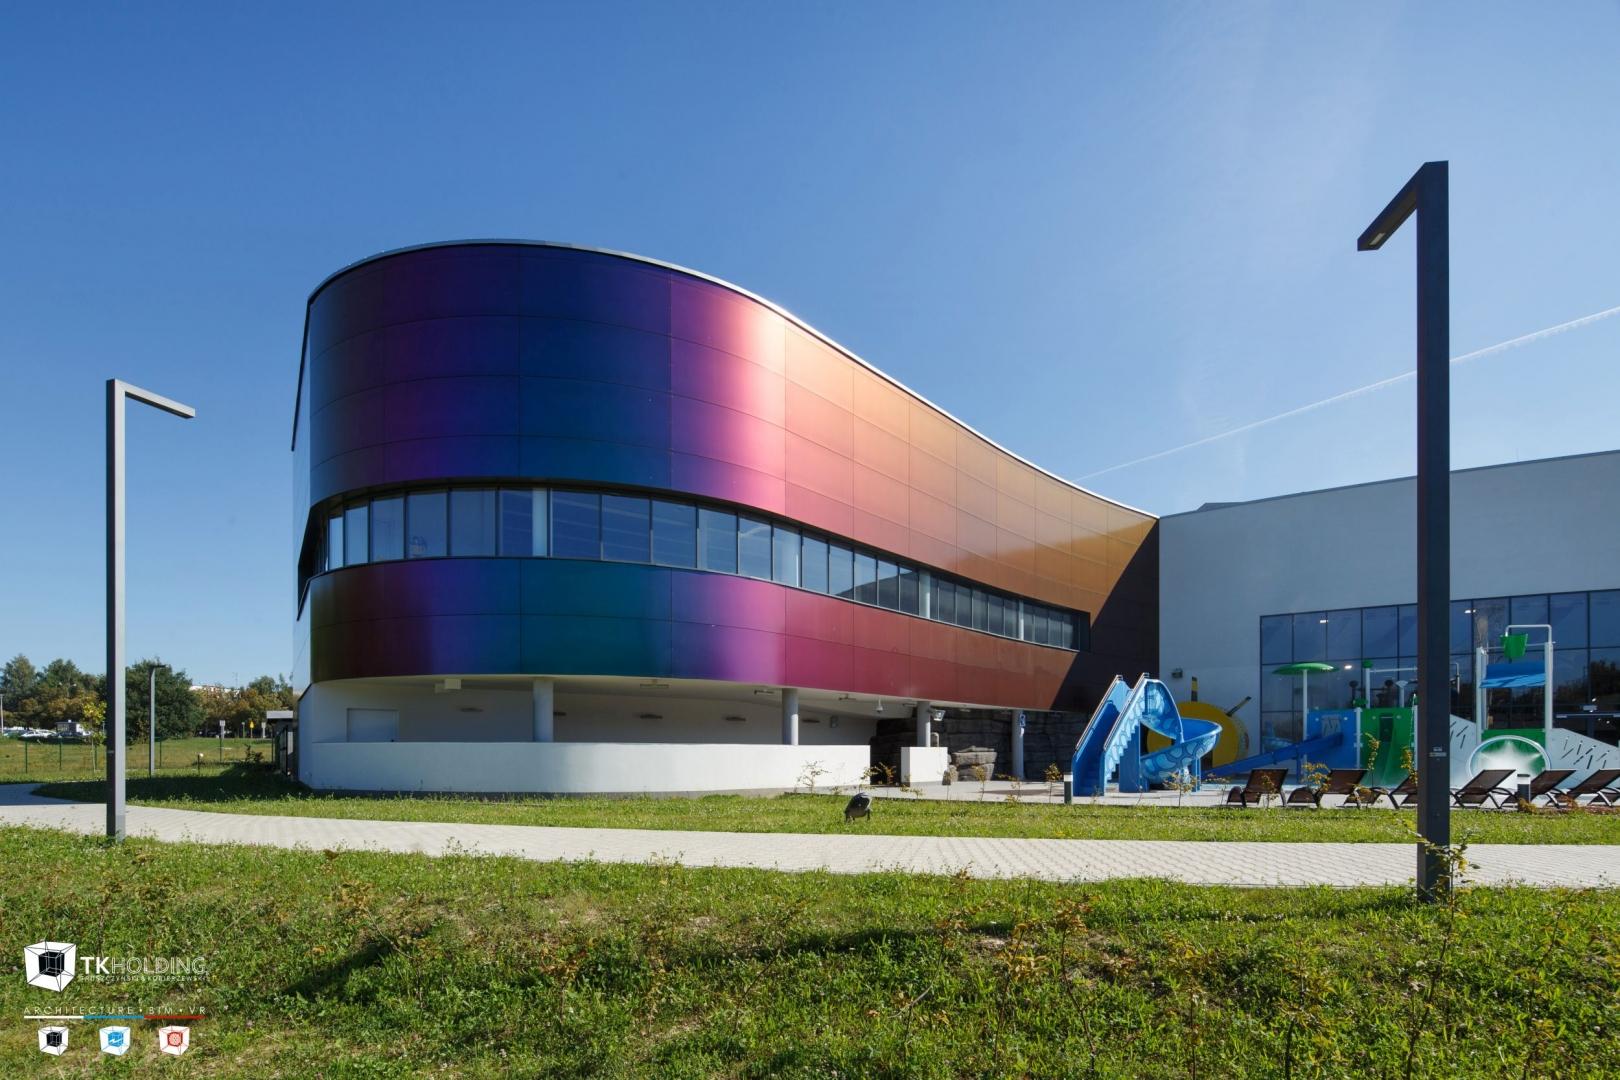 Wodny Park Tychy W Finale Konkursu World Building Of The